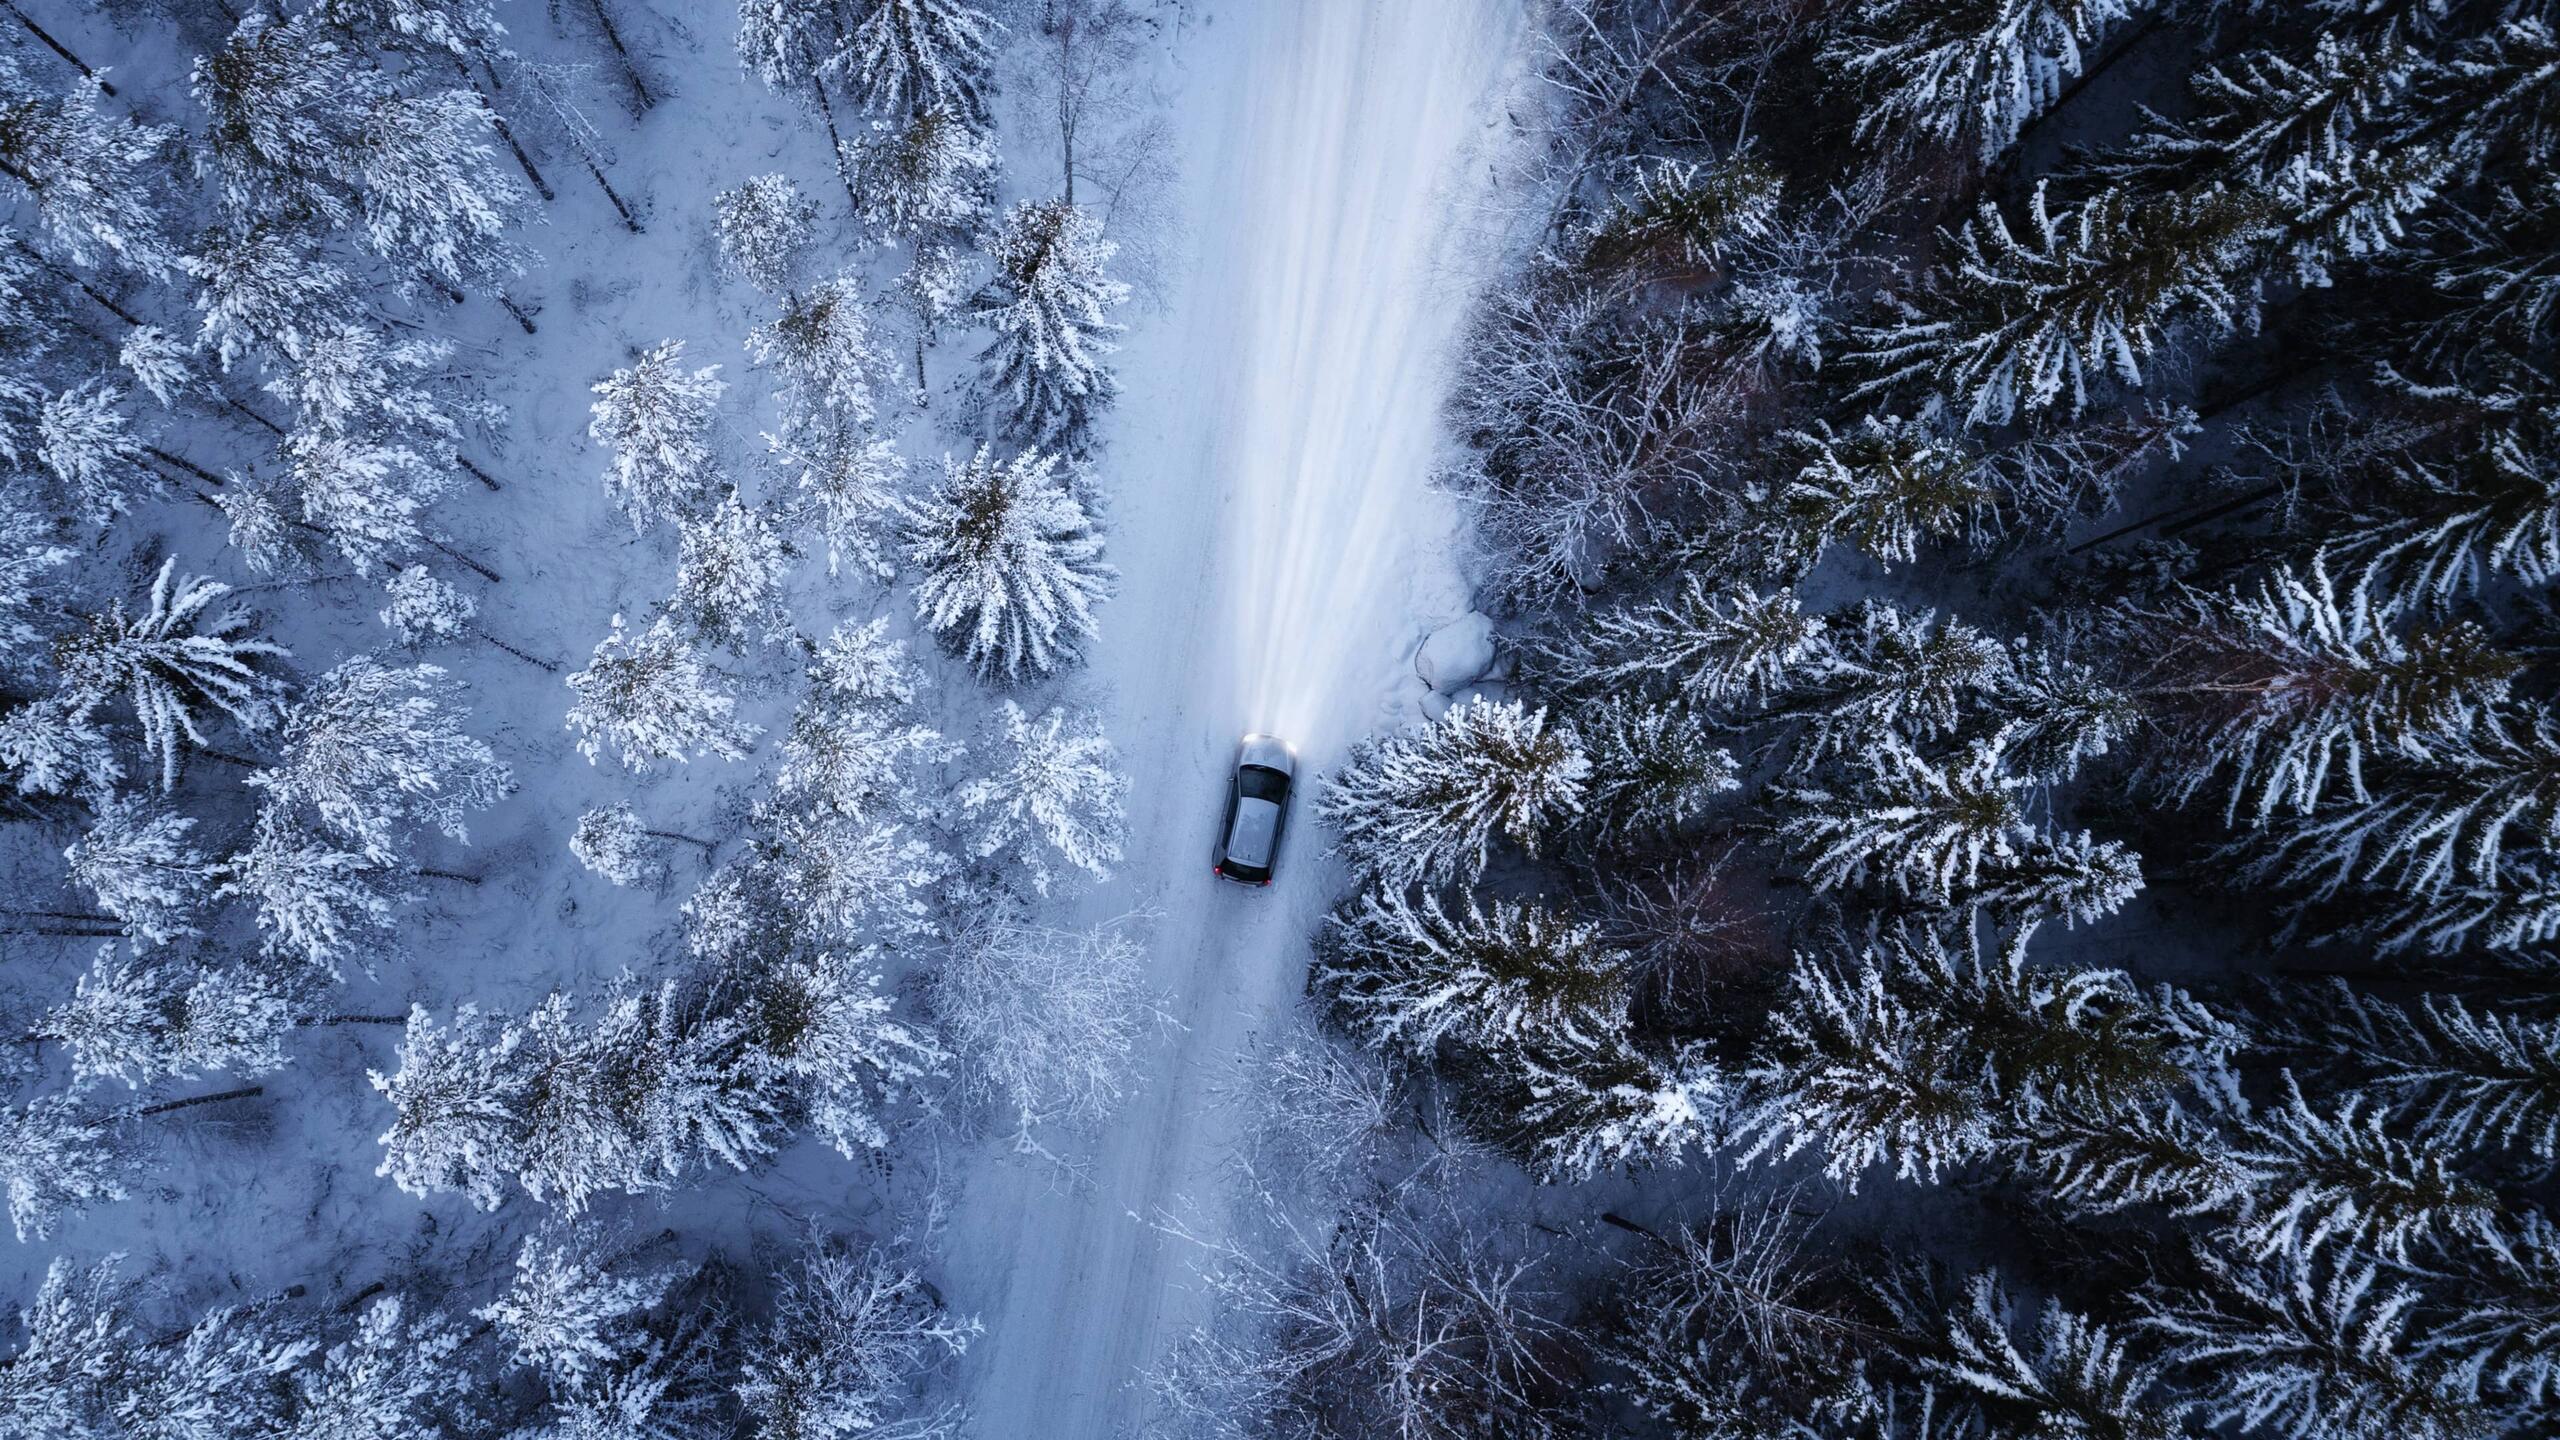 Vei i skogen om vinteren med snødekte trær